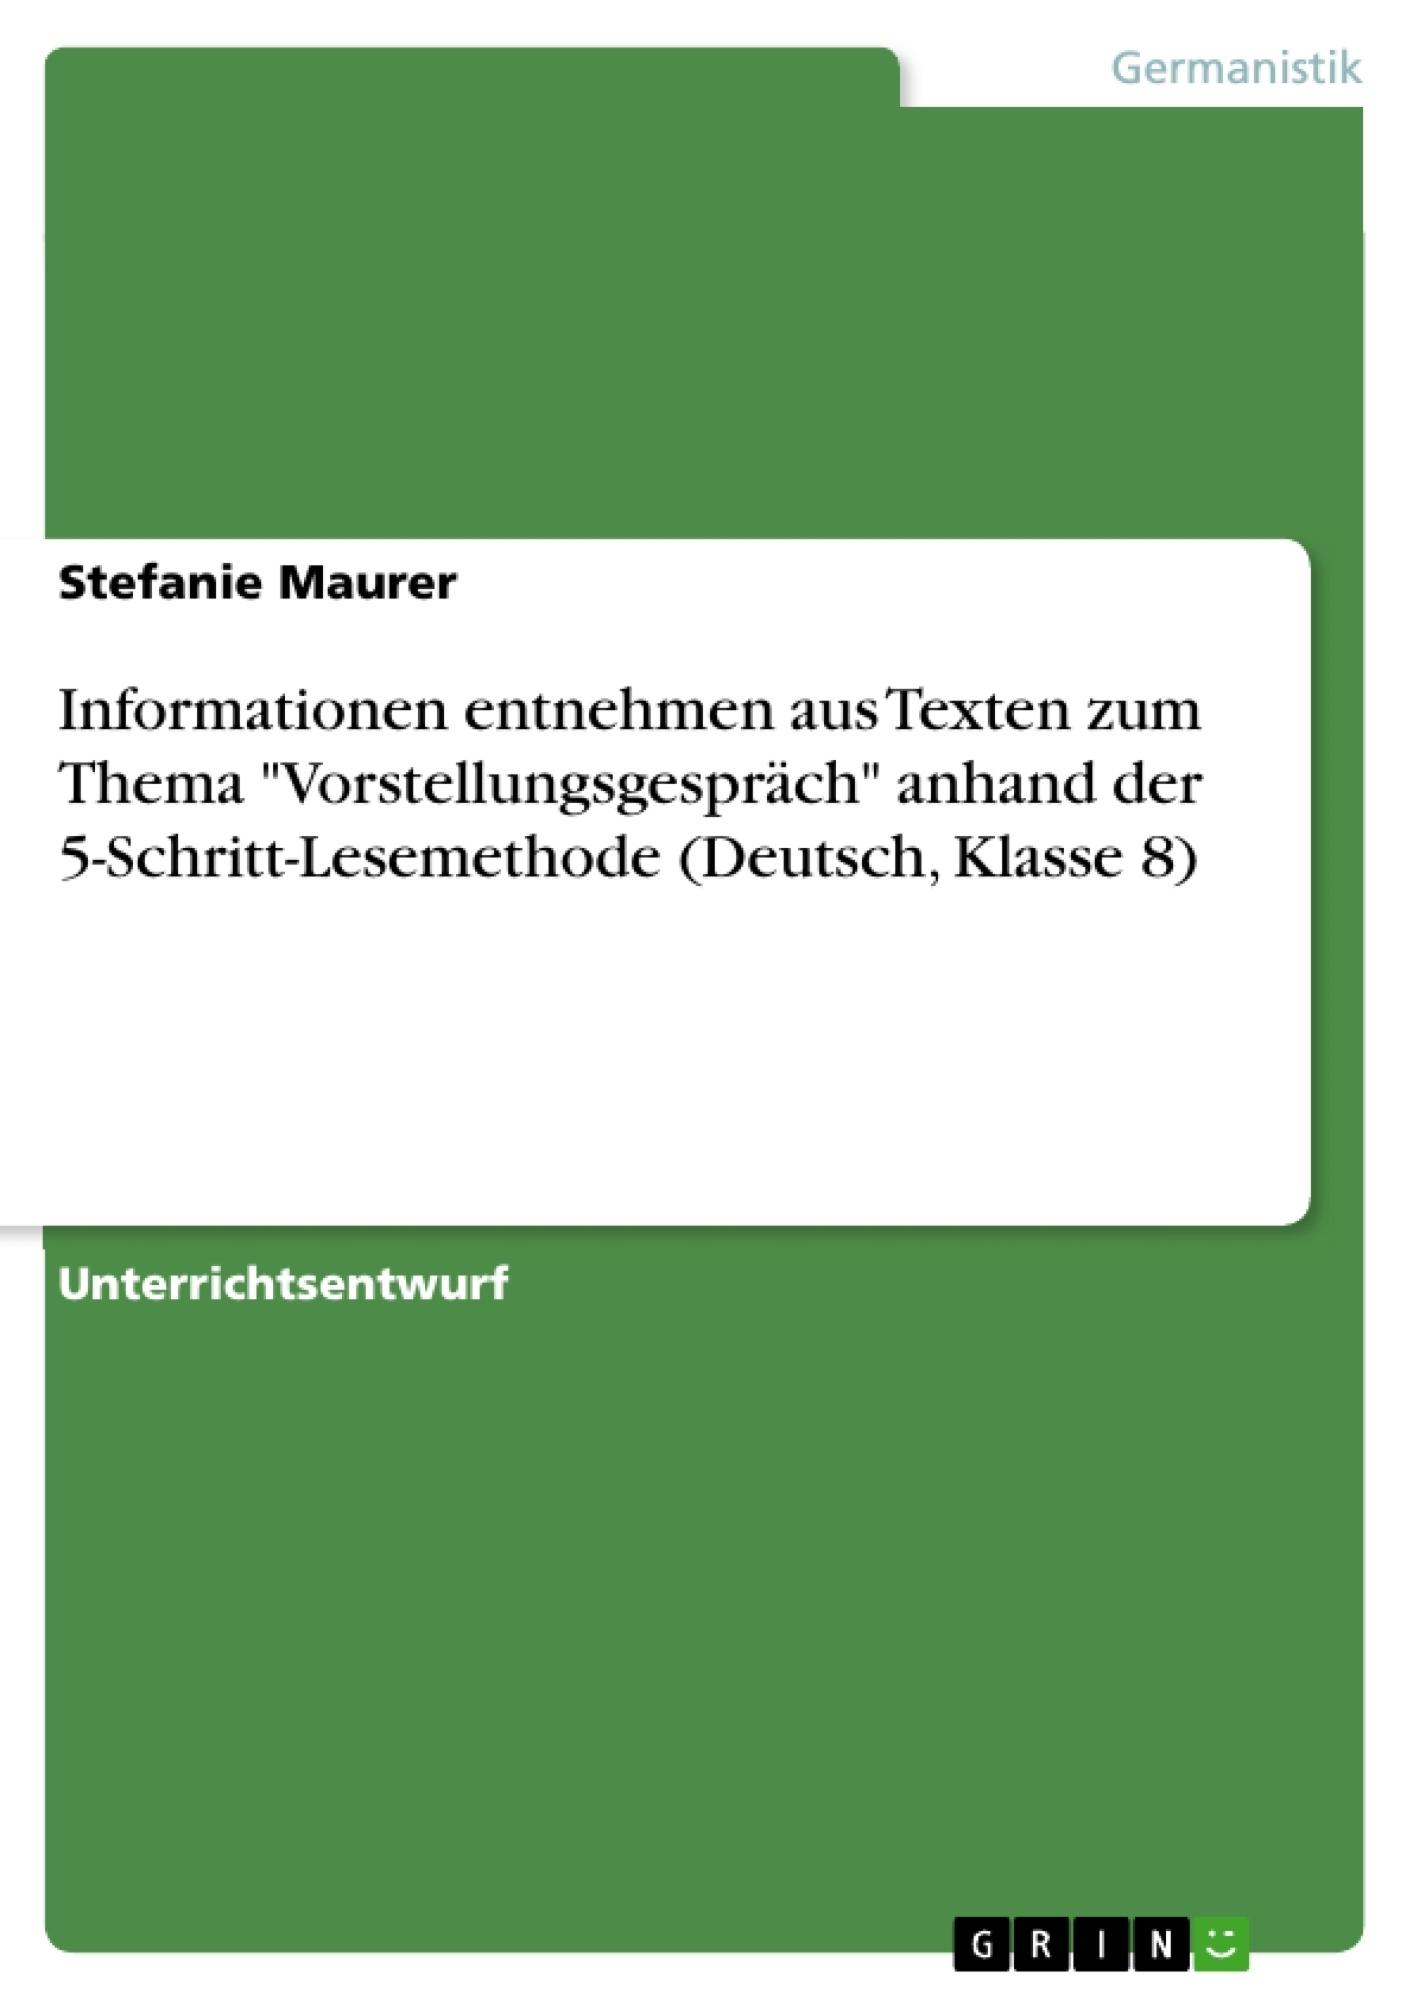 """Titel: Informationen entnehmen aus Texten zum Thema """"Vorstellungsgespräch"""" anhand der 5-Schritt-Lesemethode (Deutsch, Klasse 8)"""